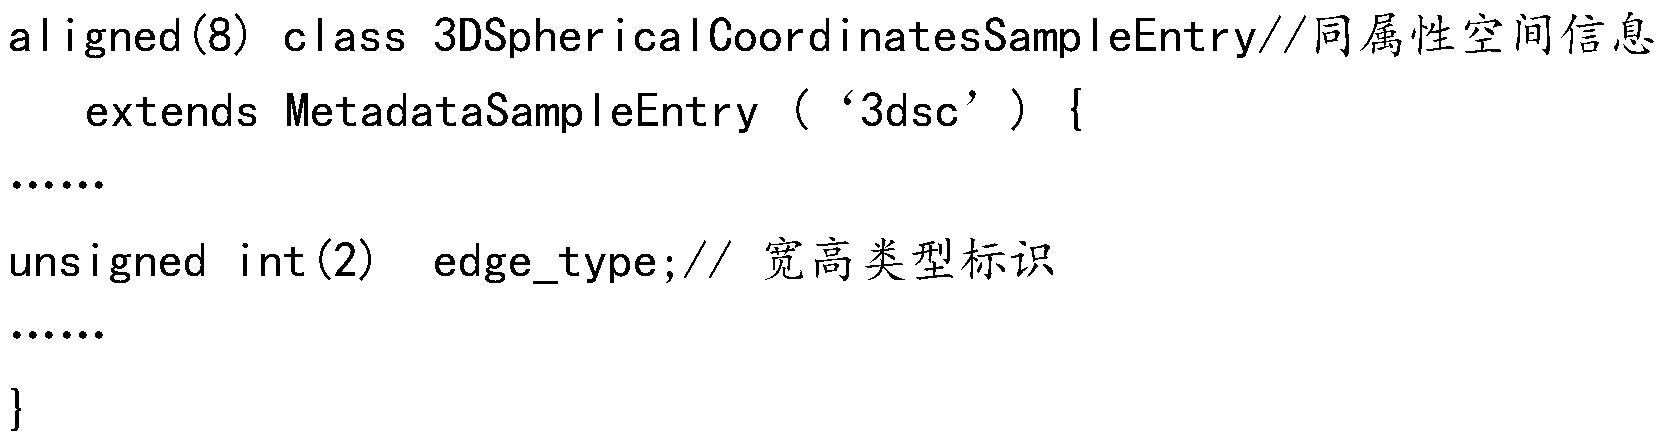 Figure PCTCN2017078585-appb-000022